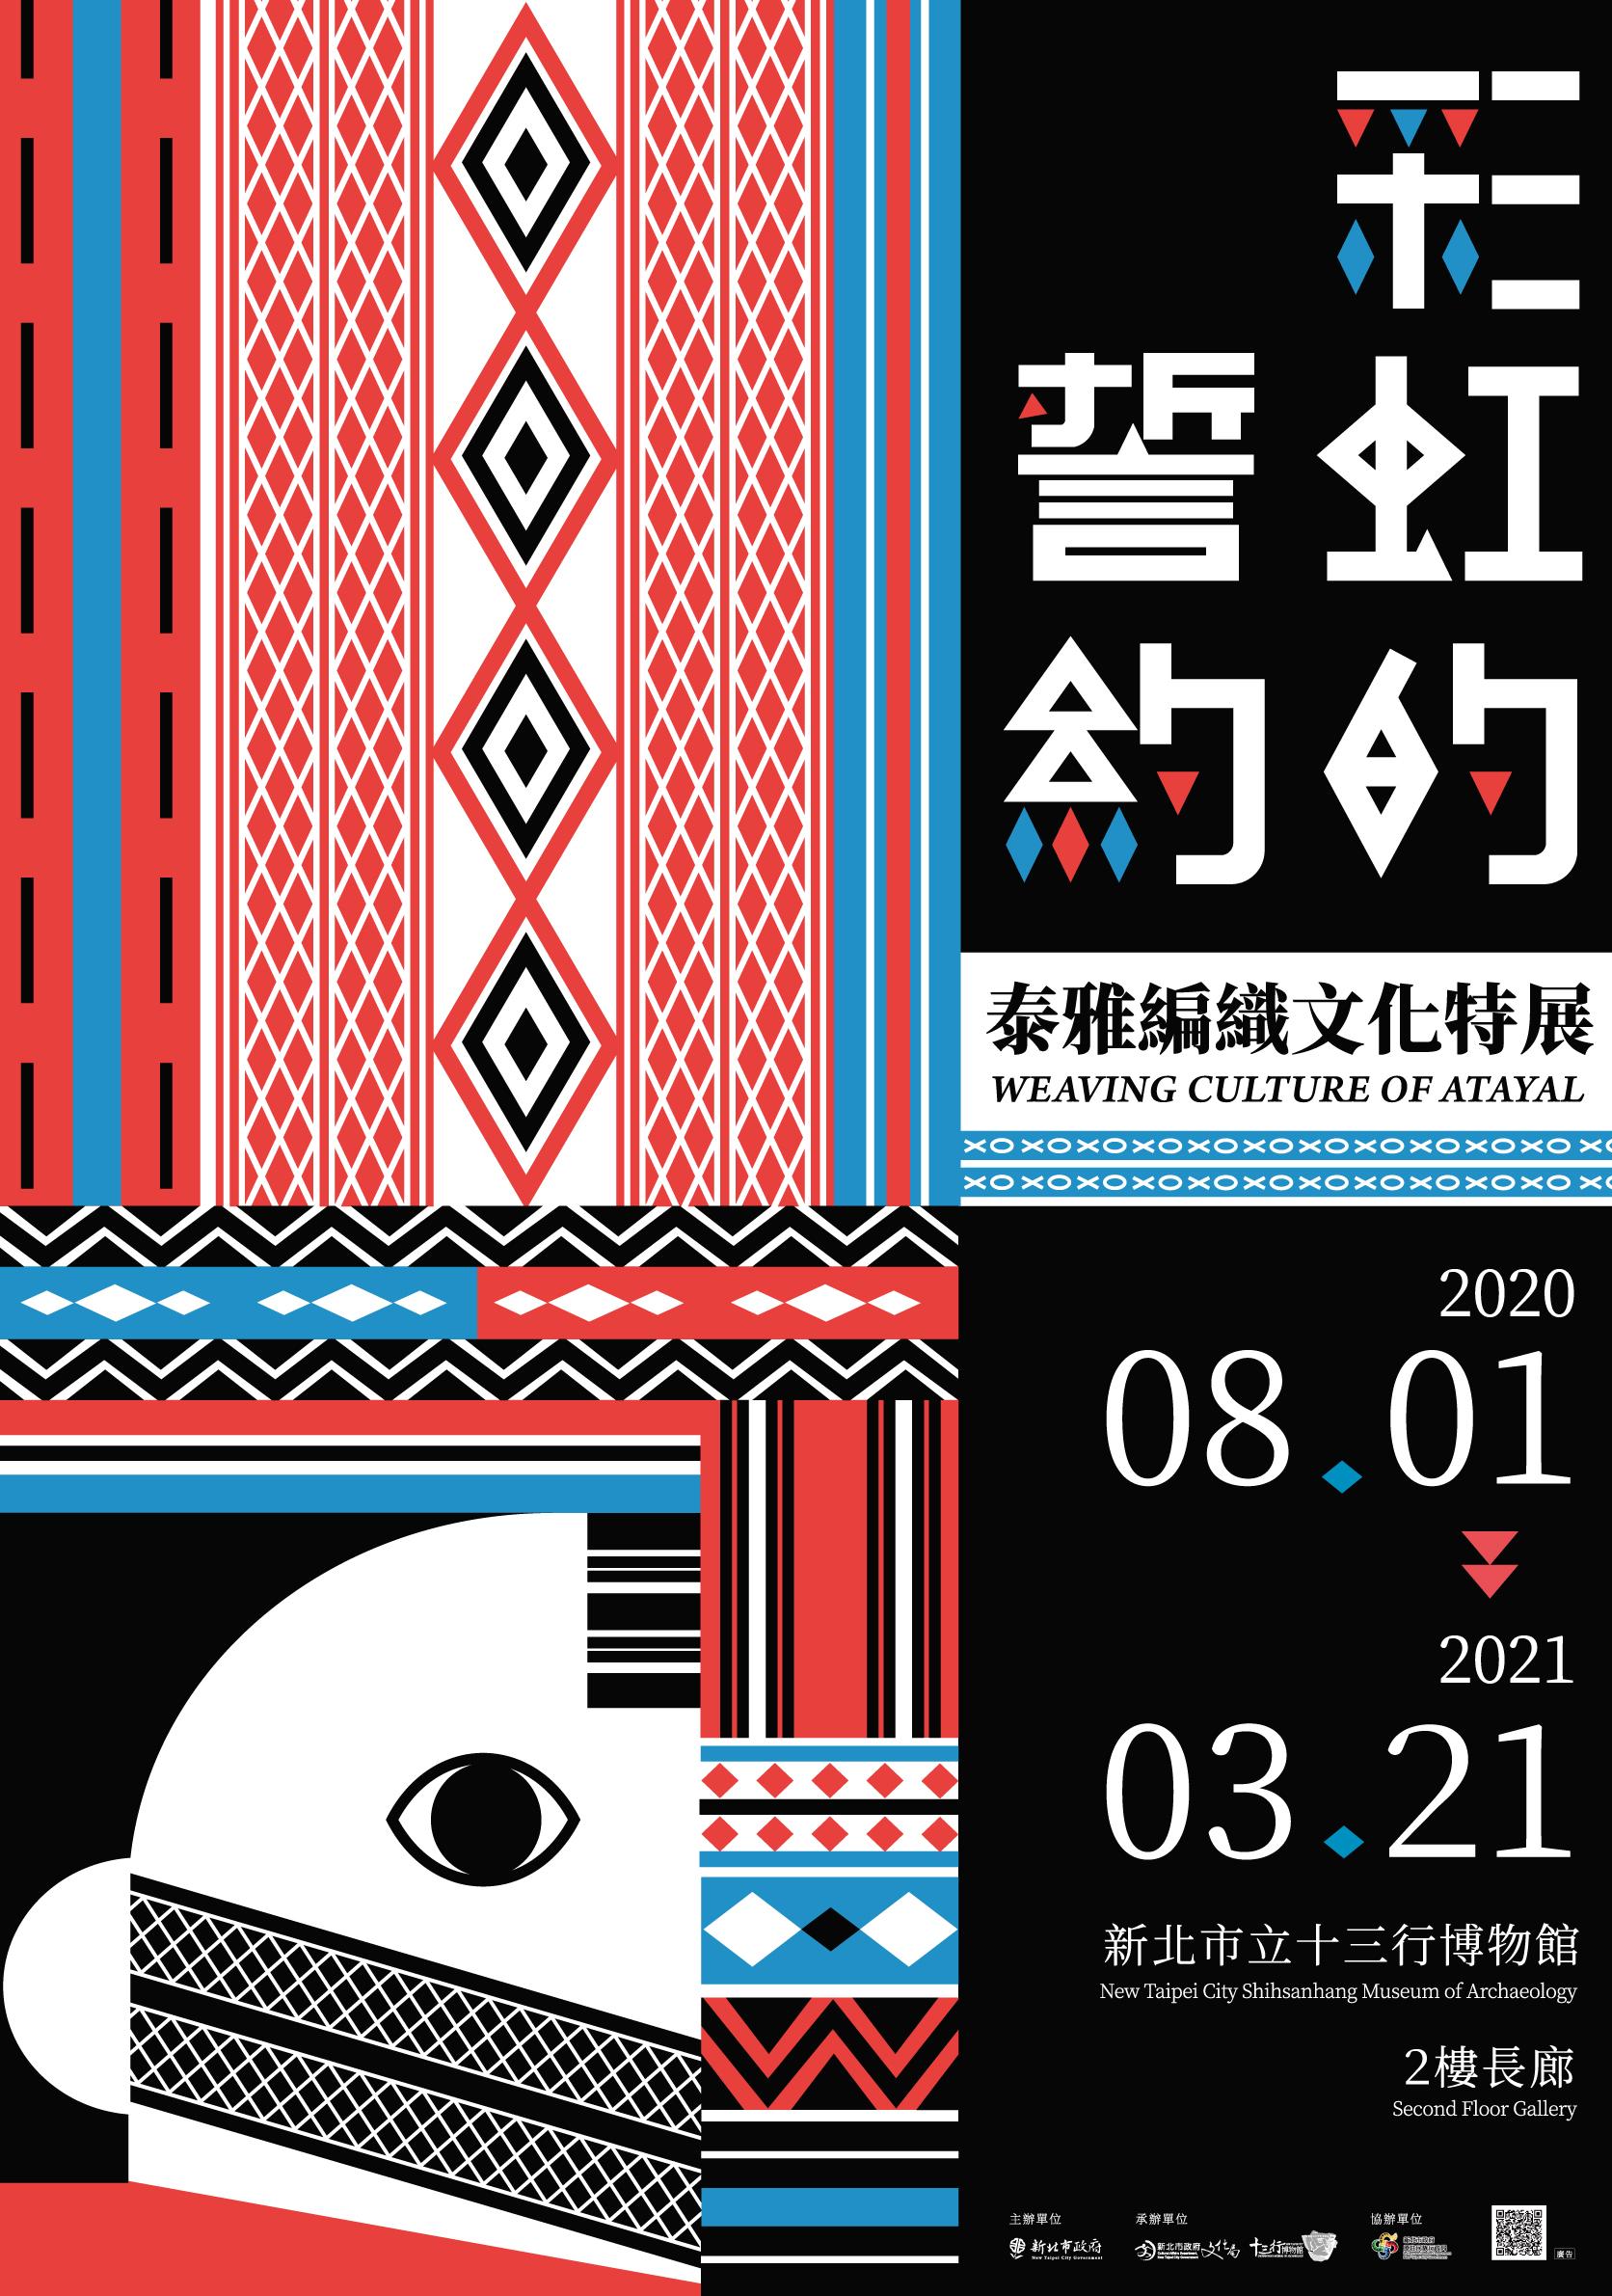 【彩虹的誓約—泰雅編織文化特展】